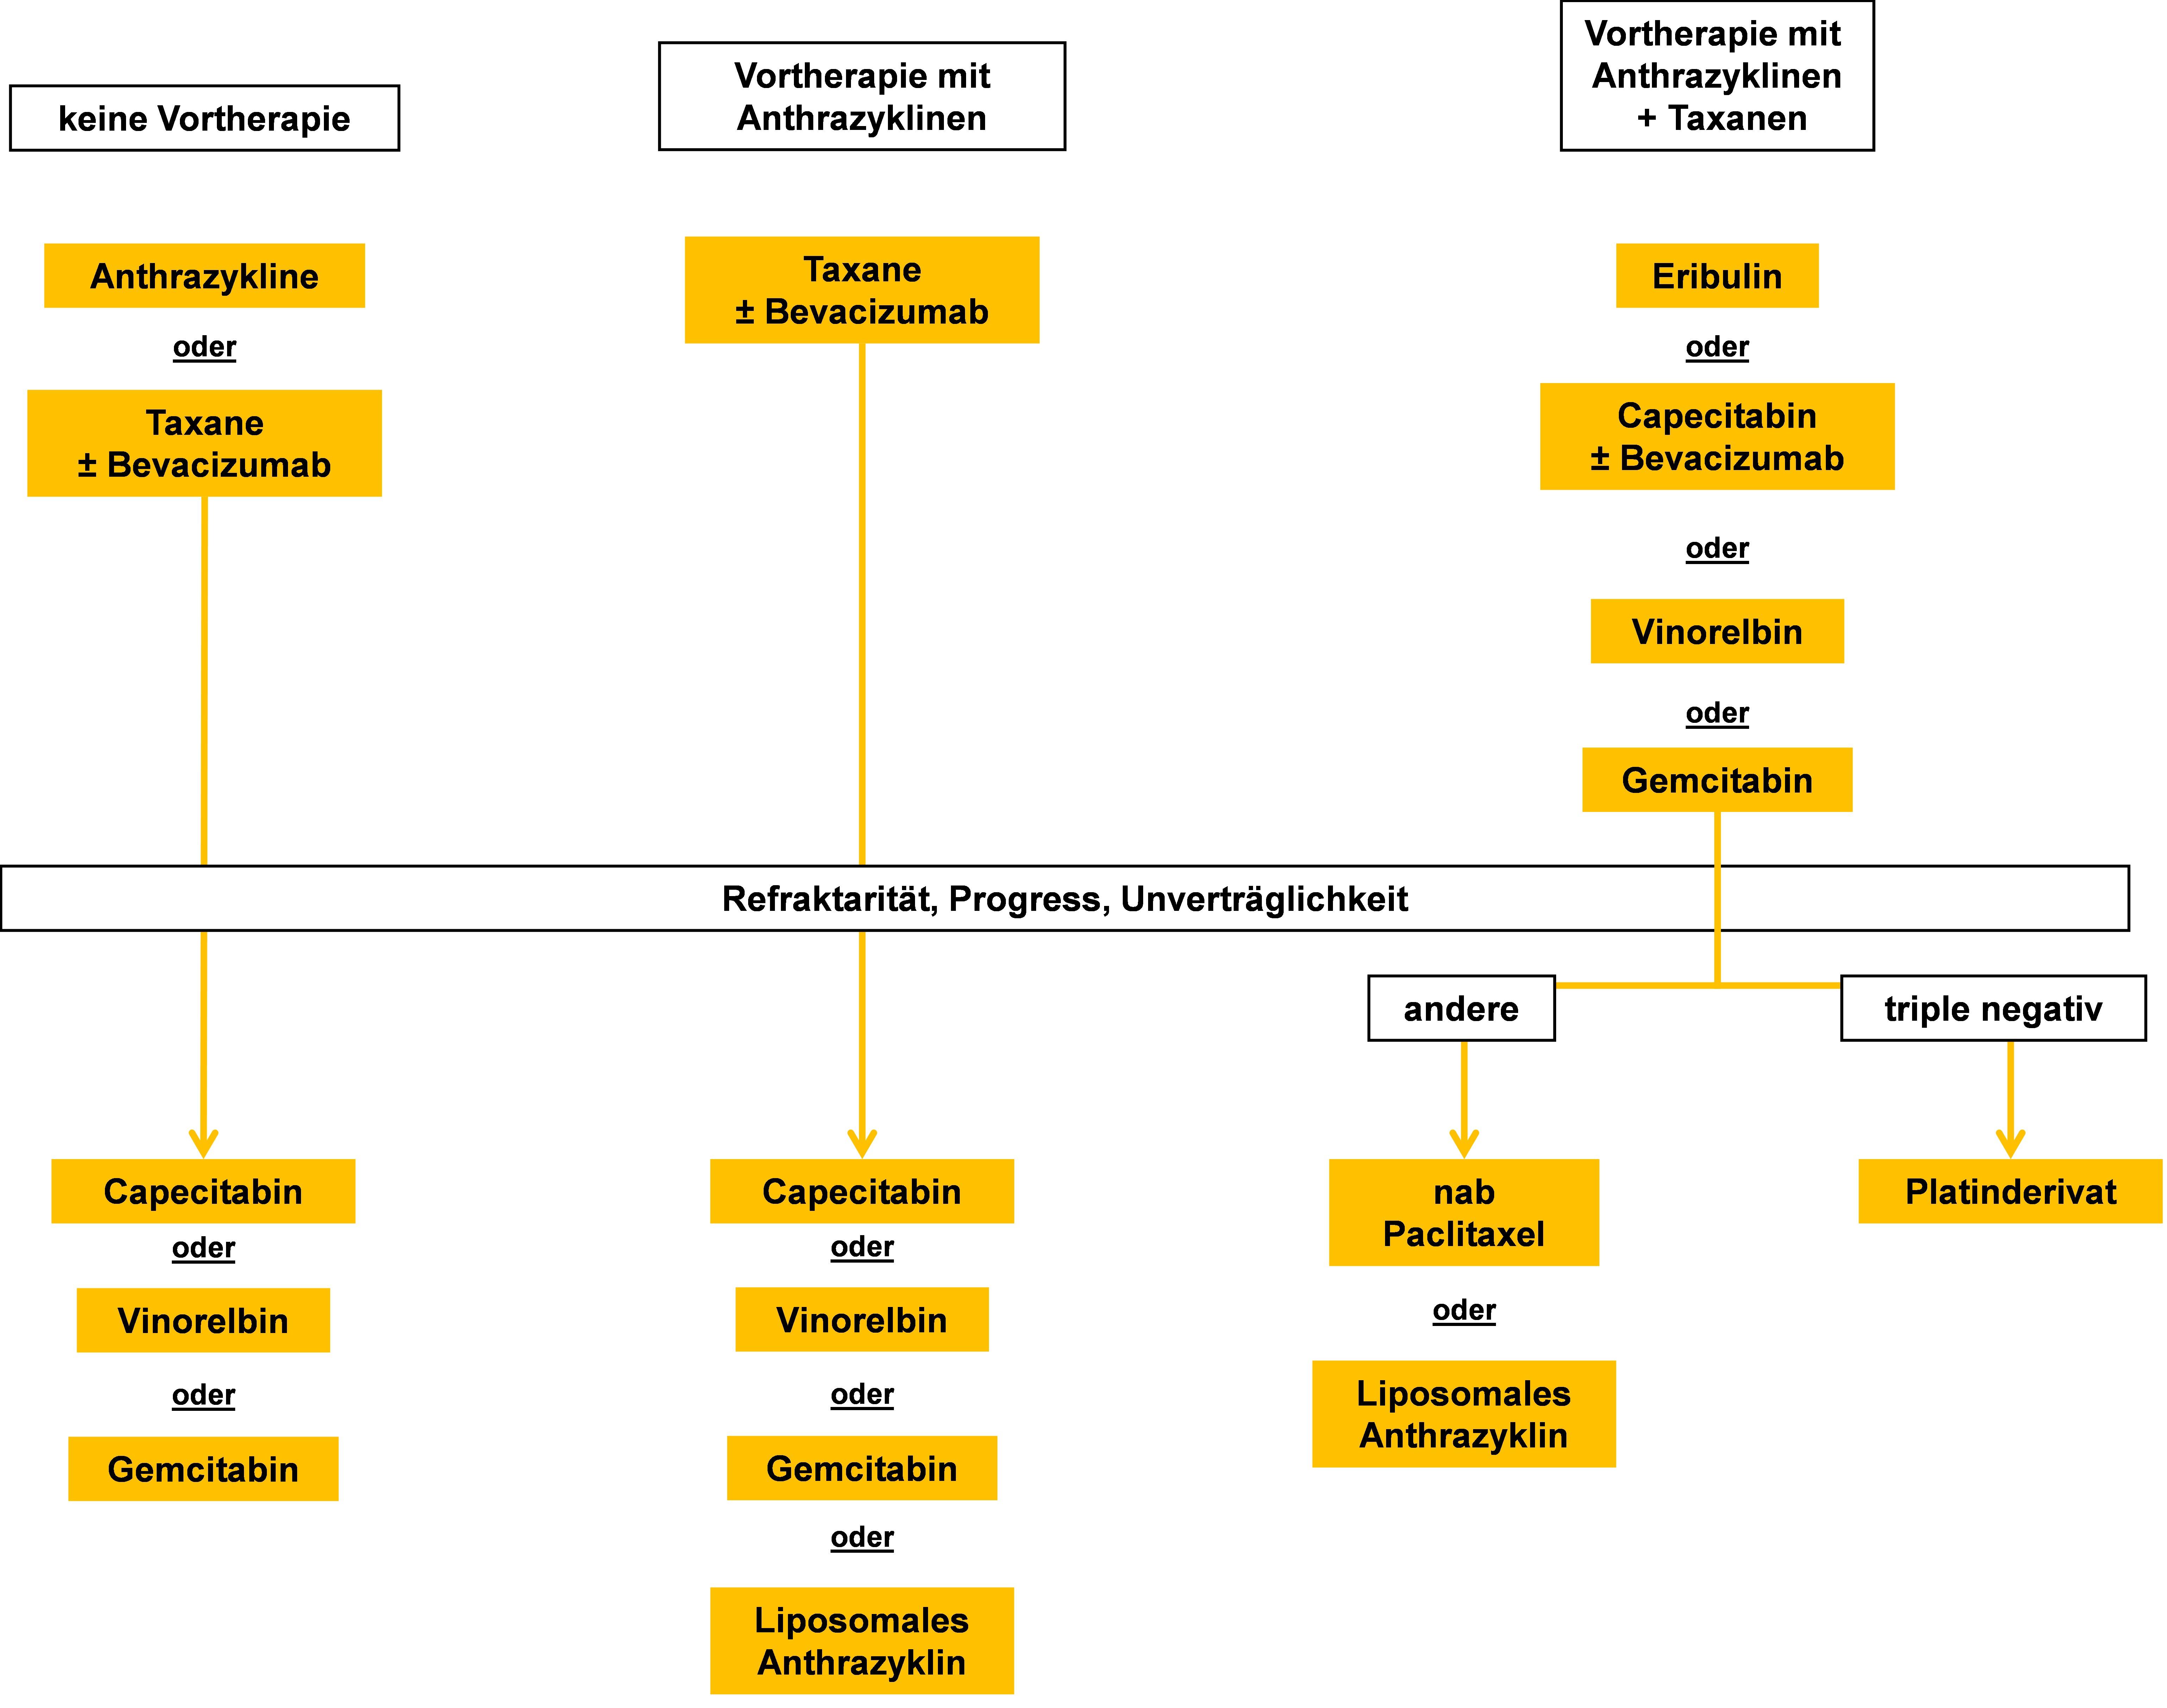 Chemotherapie und andere Substanzen bei Fernmetastasen